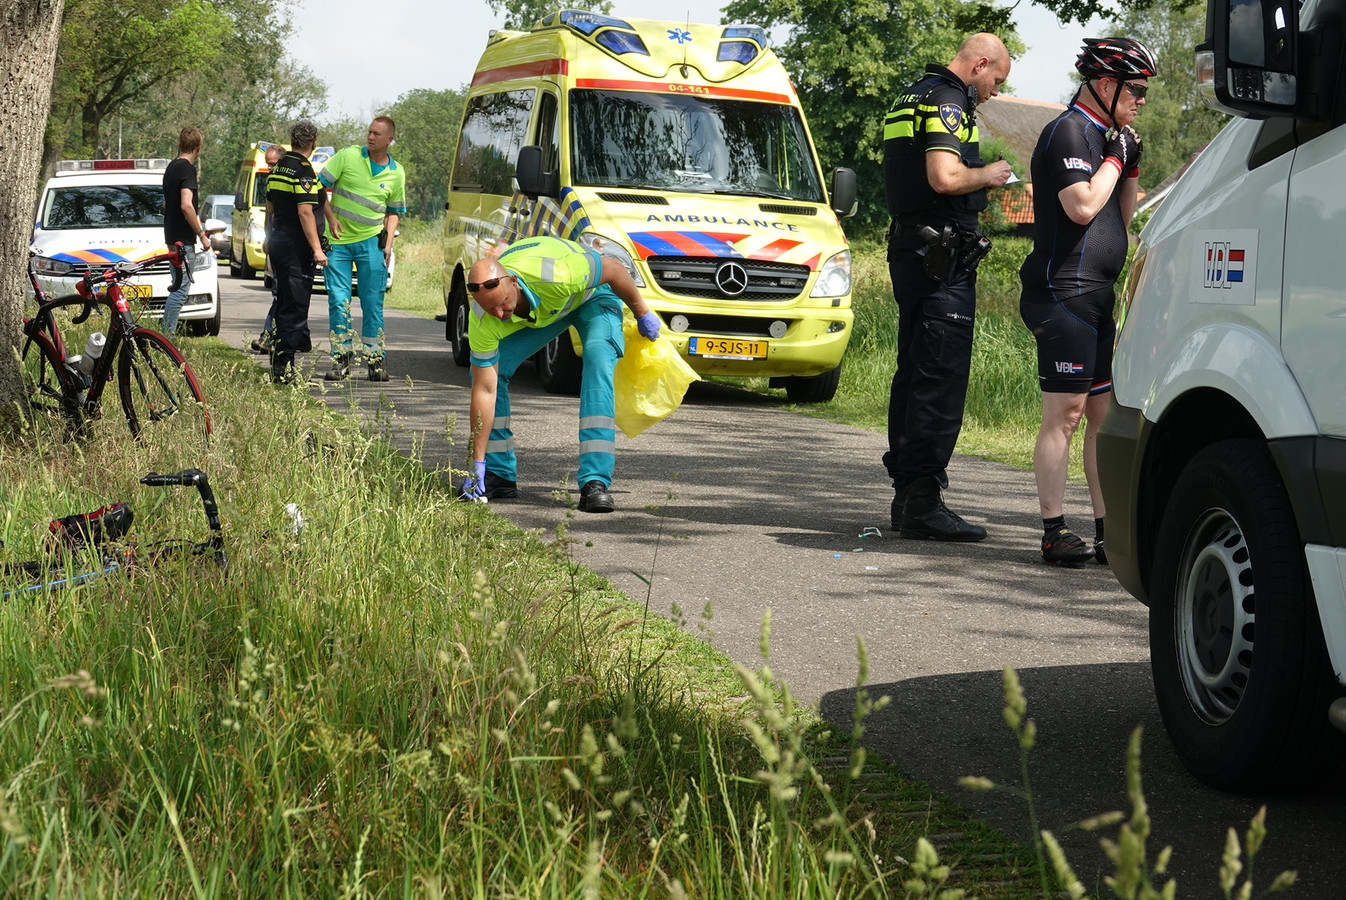 De hulpdiensten zijn druk na het ongeluk van de wielrenner.